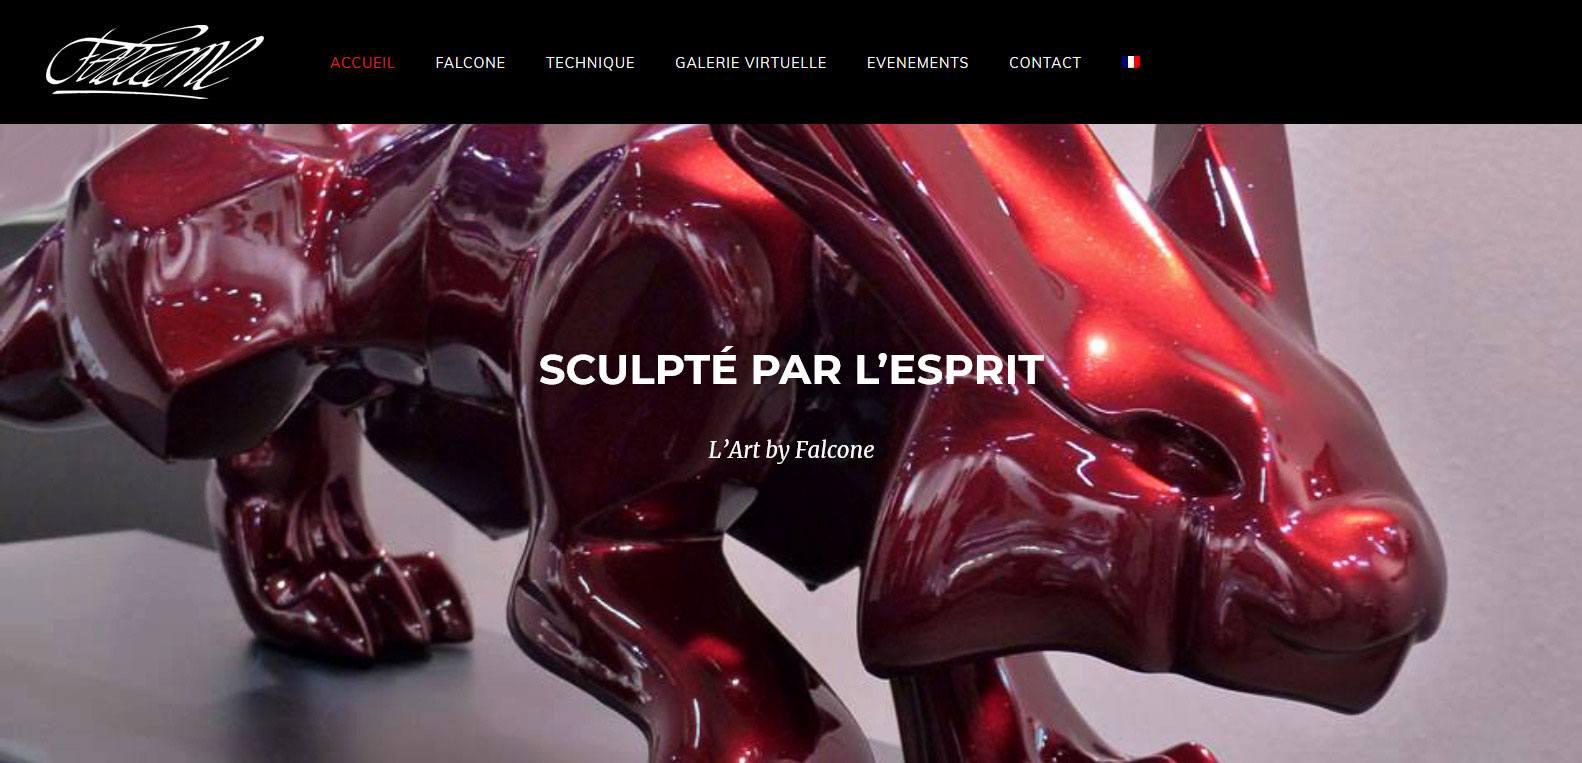 L'art by Falcone, sculpté par l'esprit, client Karedess, agence web et digitale situé à Mulhouse